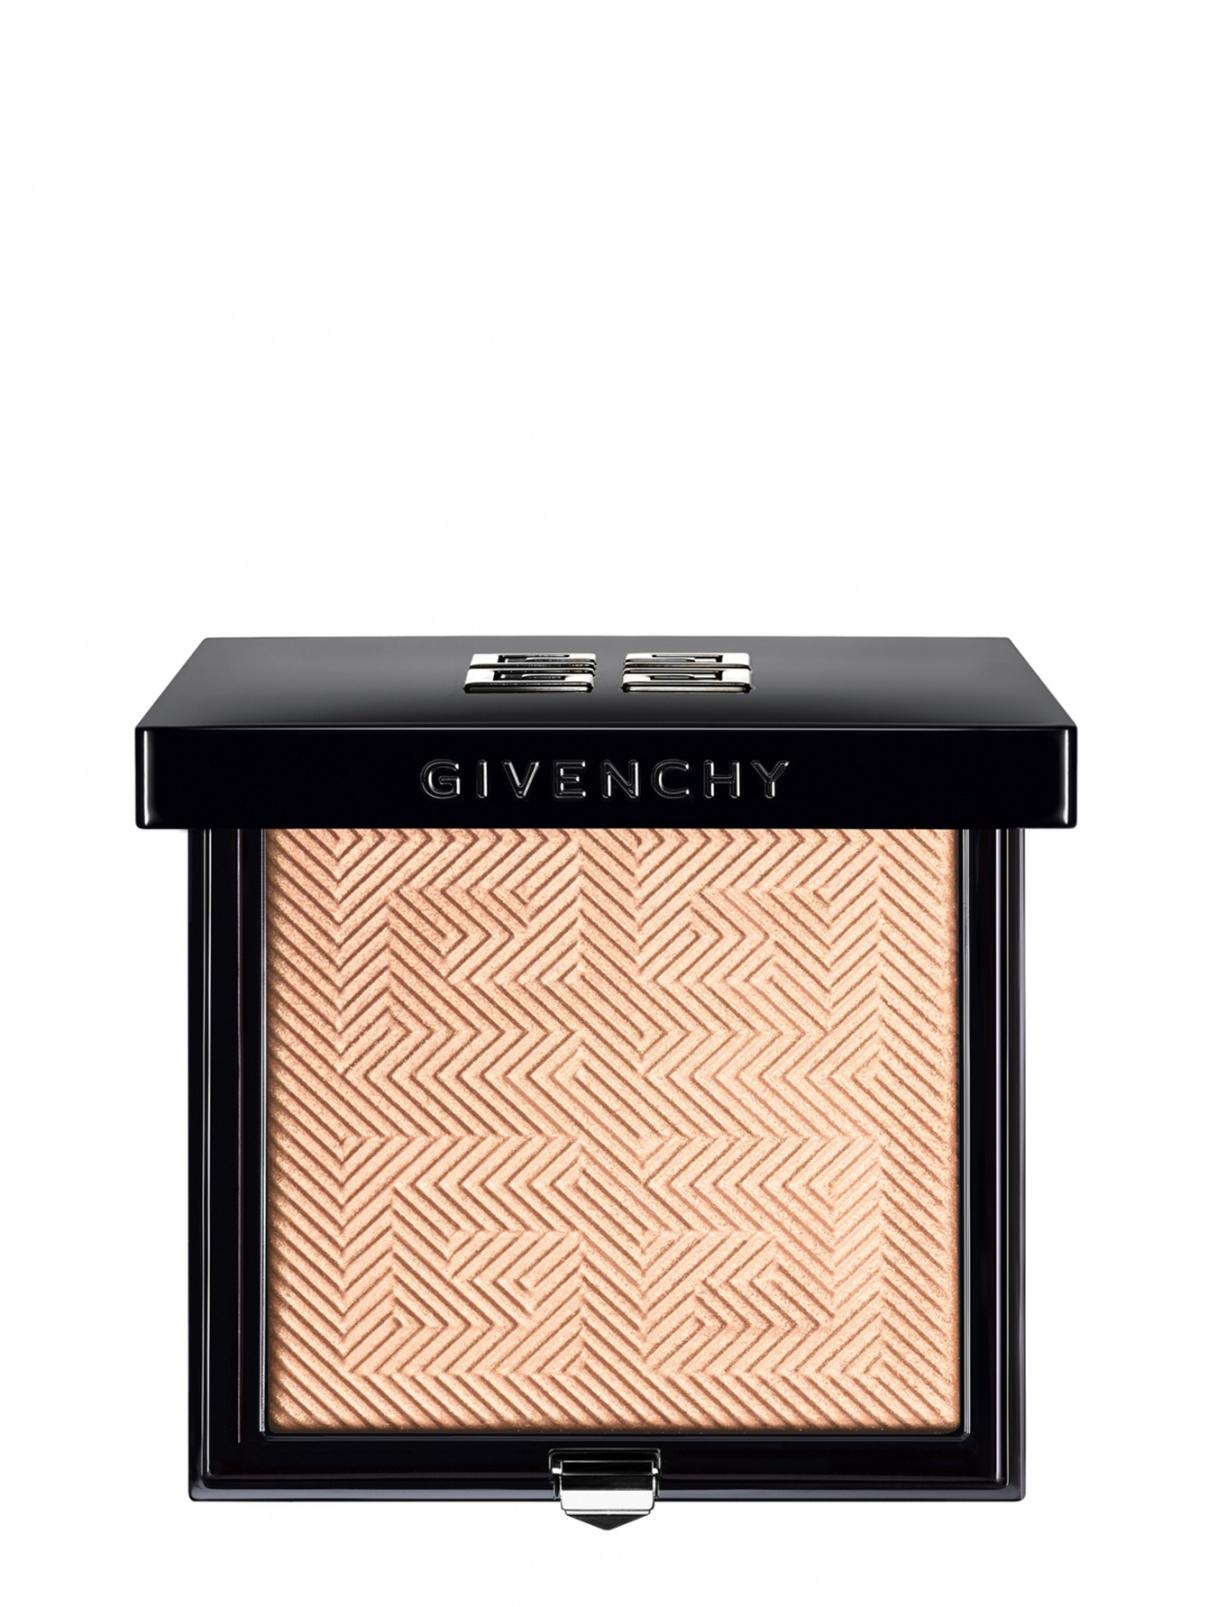 Пудра-хайлайтер, 02 мерцающий золотой, 10 г Givenchy  –  Общий вид